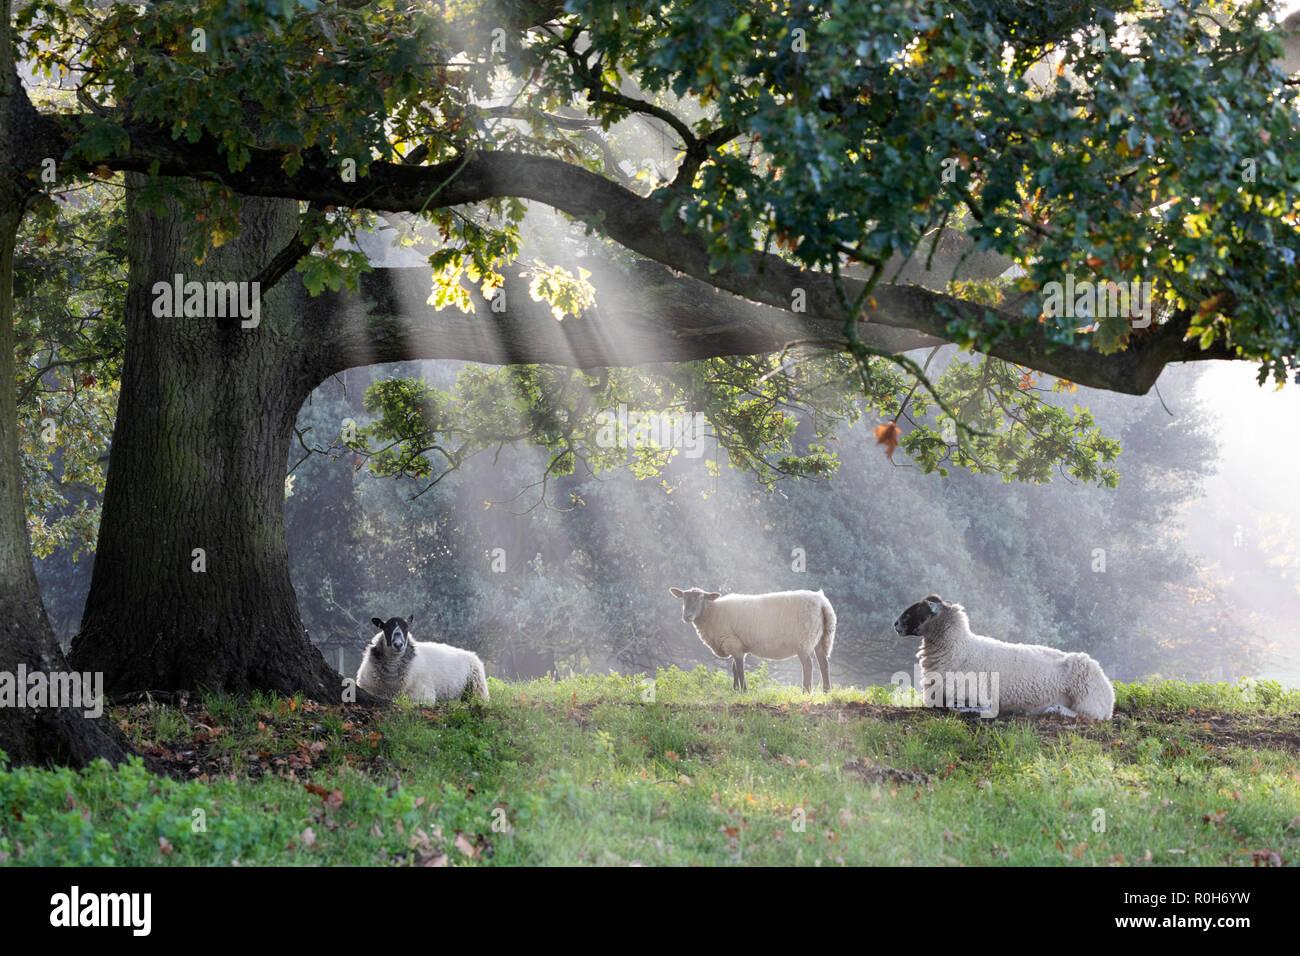 Weiße Schafe unter Baum mit Wellen von misty Sonnenlicht, Chipping Campden, Cotswolds, Gloucestershire, England, Vereinigtes Königreich, Europa Stockbild